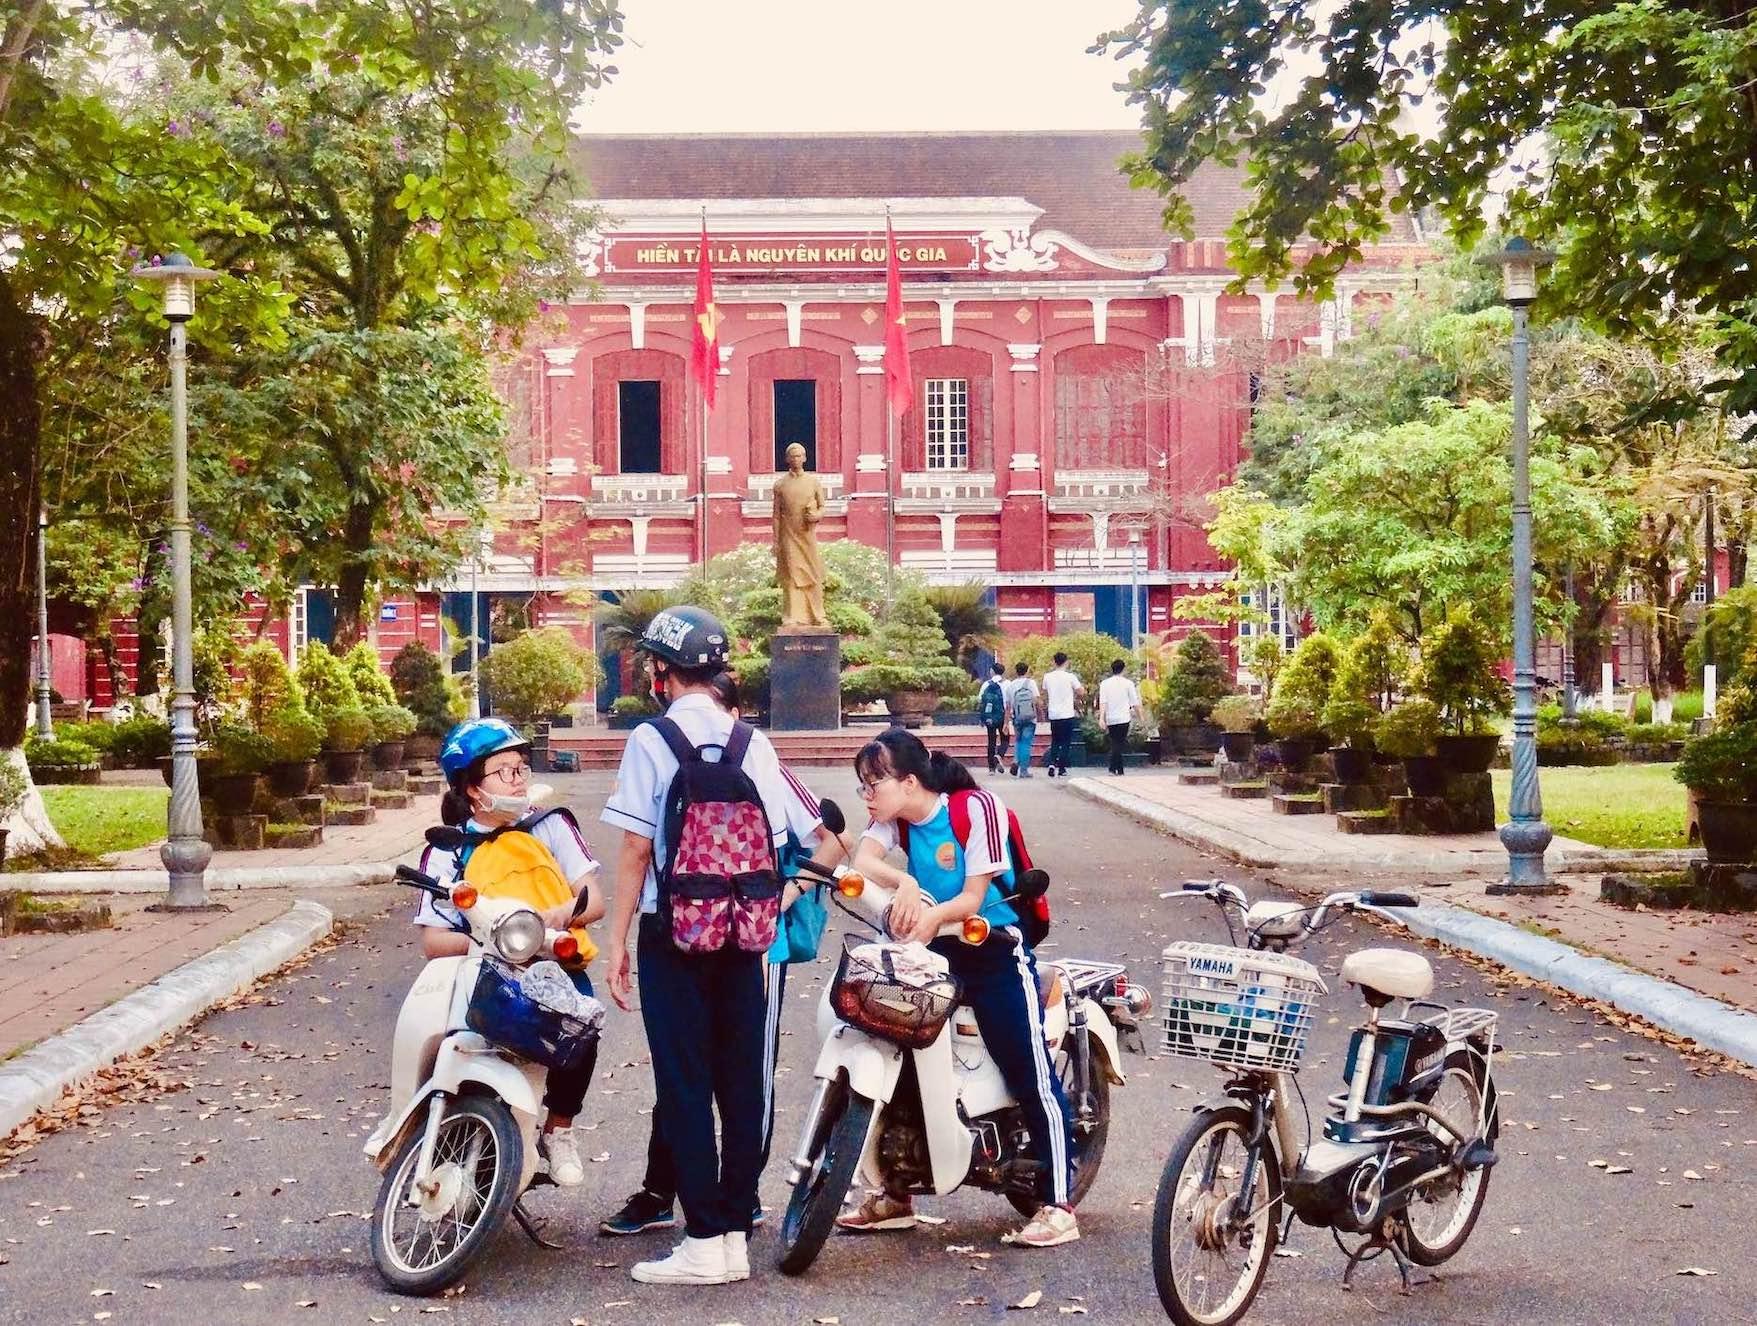 Truong Quoc Hoc National School in Hue